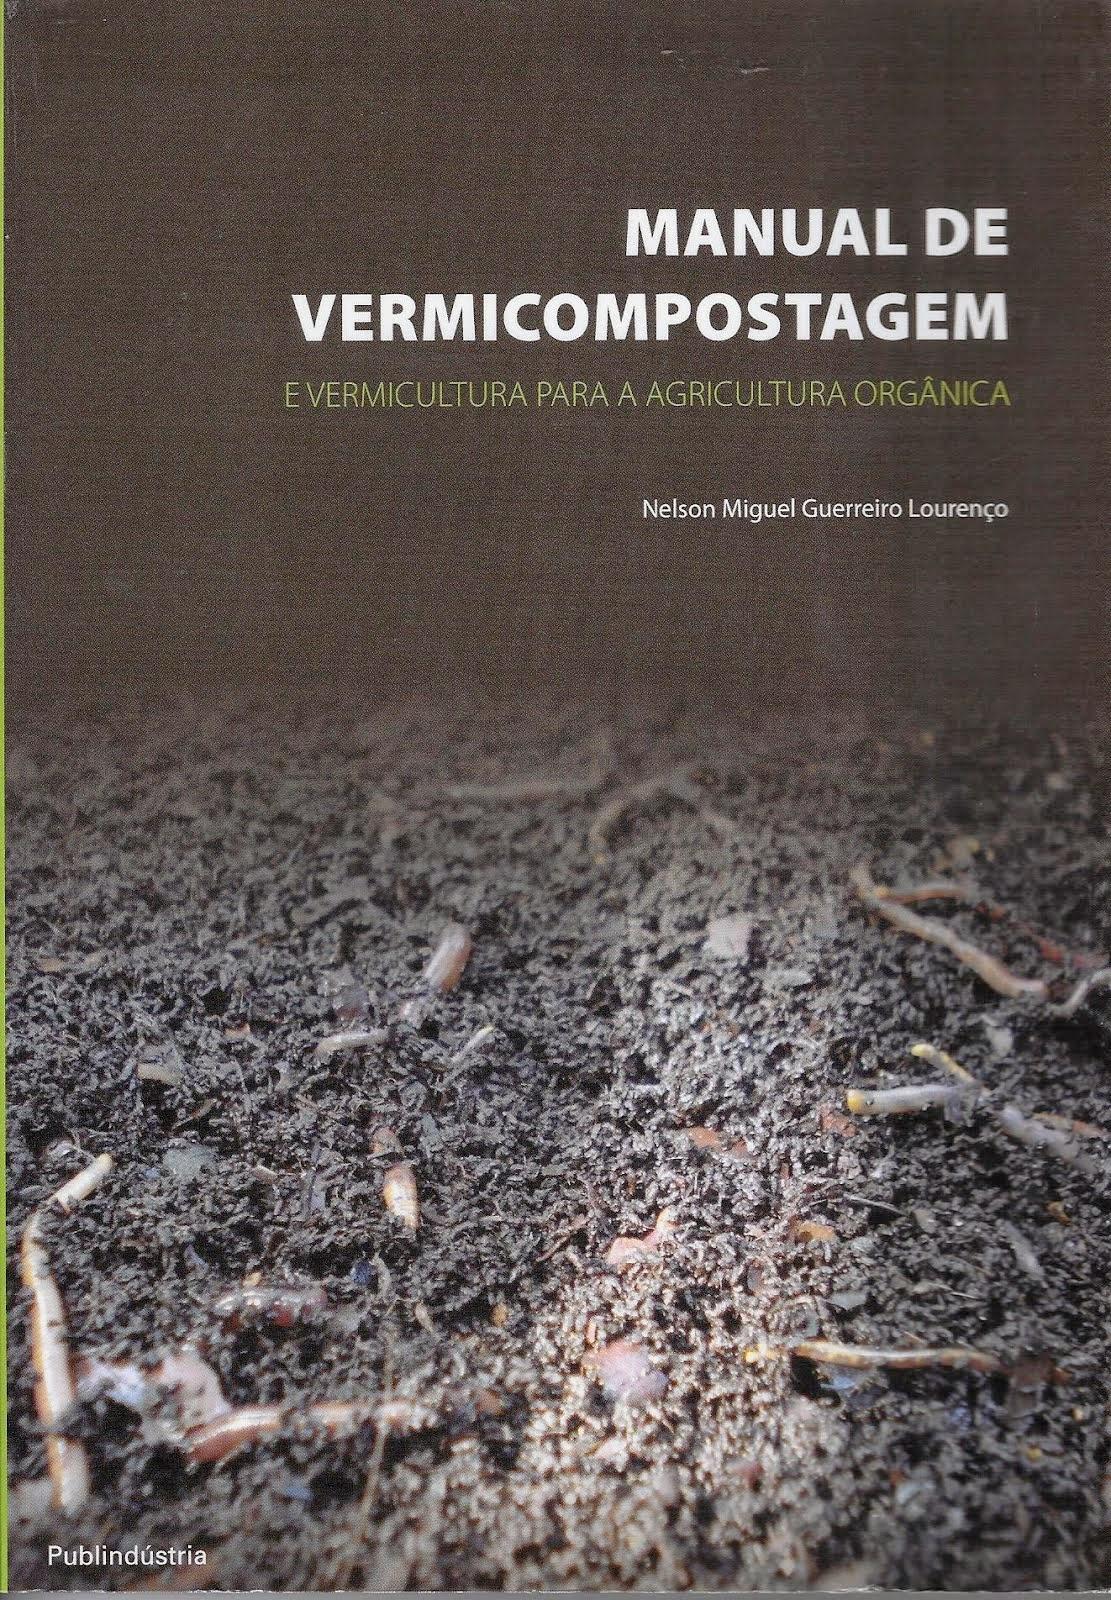 Manual de Vermicompostagem e Vermicultura para a Agricultura Orgânica